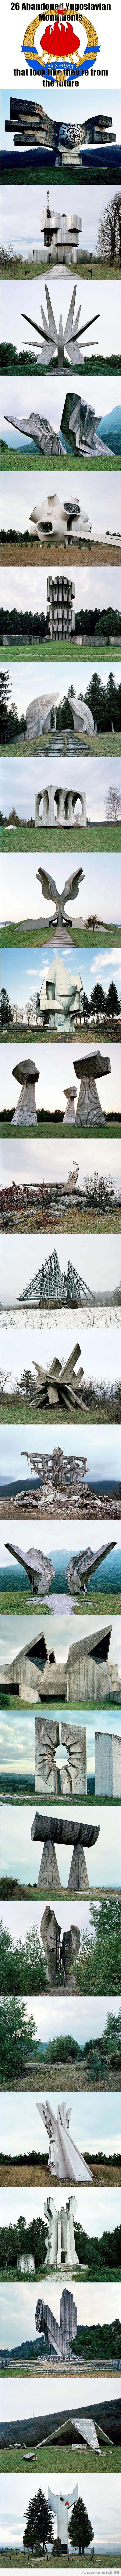 9GAG - Abandoned Yugoslavian monuments